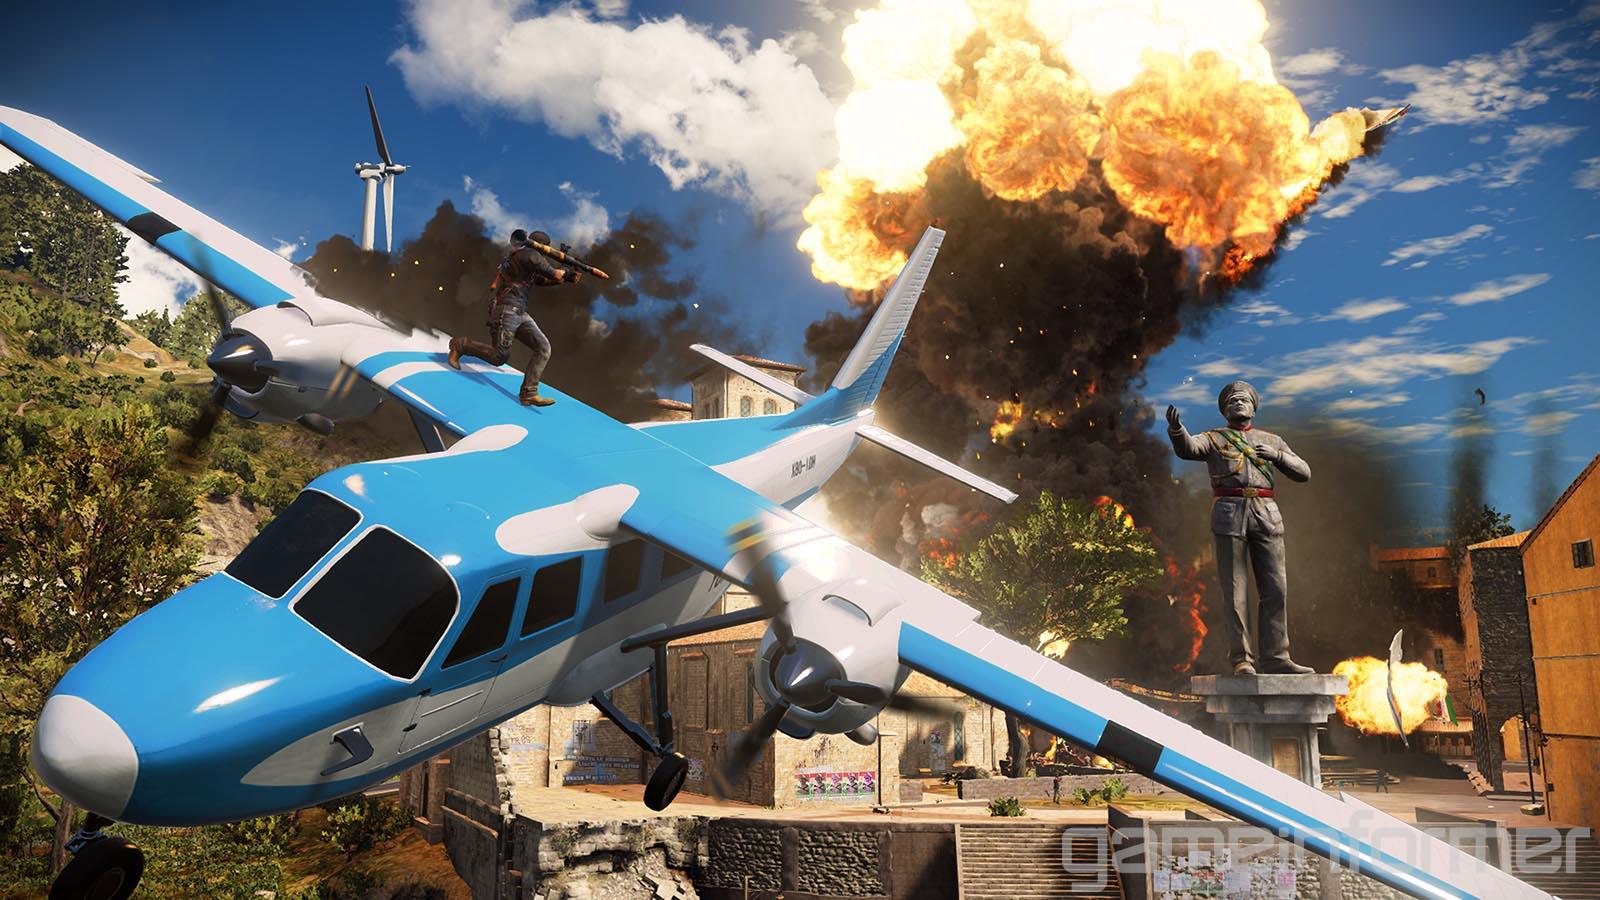 První oficiální obrázky z Just Cause 3 102443